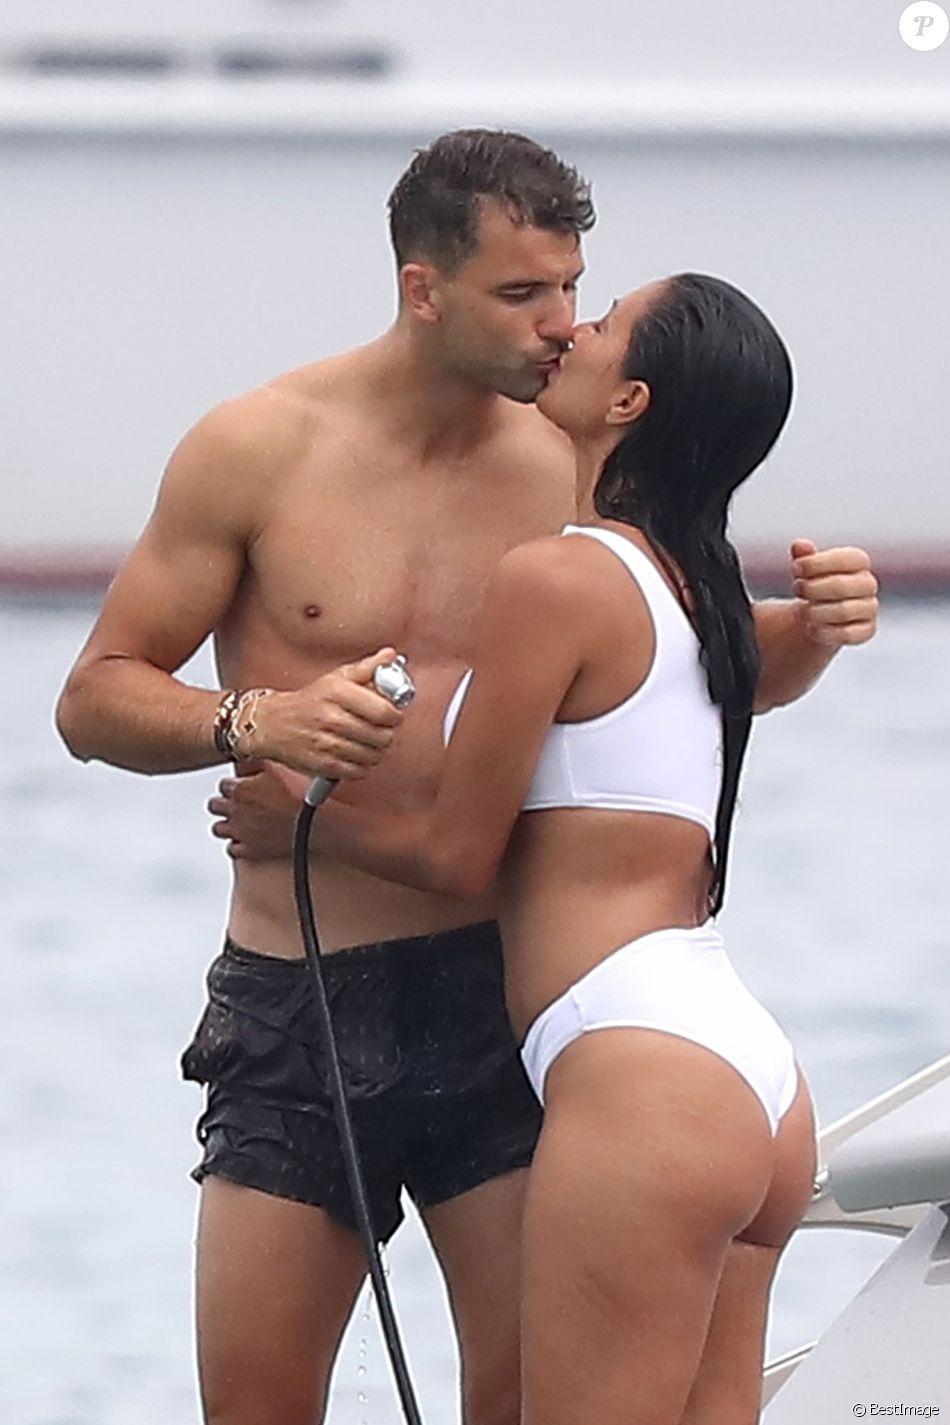 Nicole Scherzinger et son compagnon Grigor Dimitrov sont allés déjeuner au Club 55 puis ont pris une annexe pour rejoindre leur bateau. Très complices, ils s'amusent, se baignent, se prennent en photo et s'embrassent lors de leurs vacances à Saint-Tropez, le 22 juillet 2018.